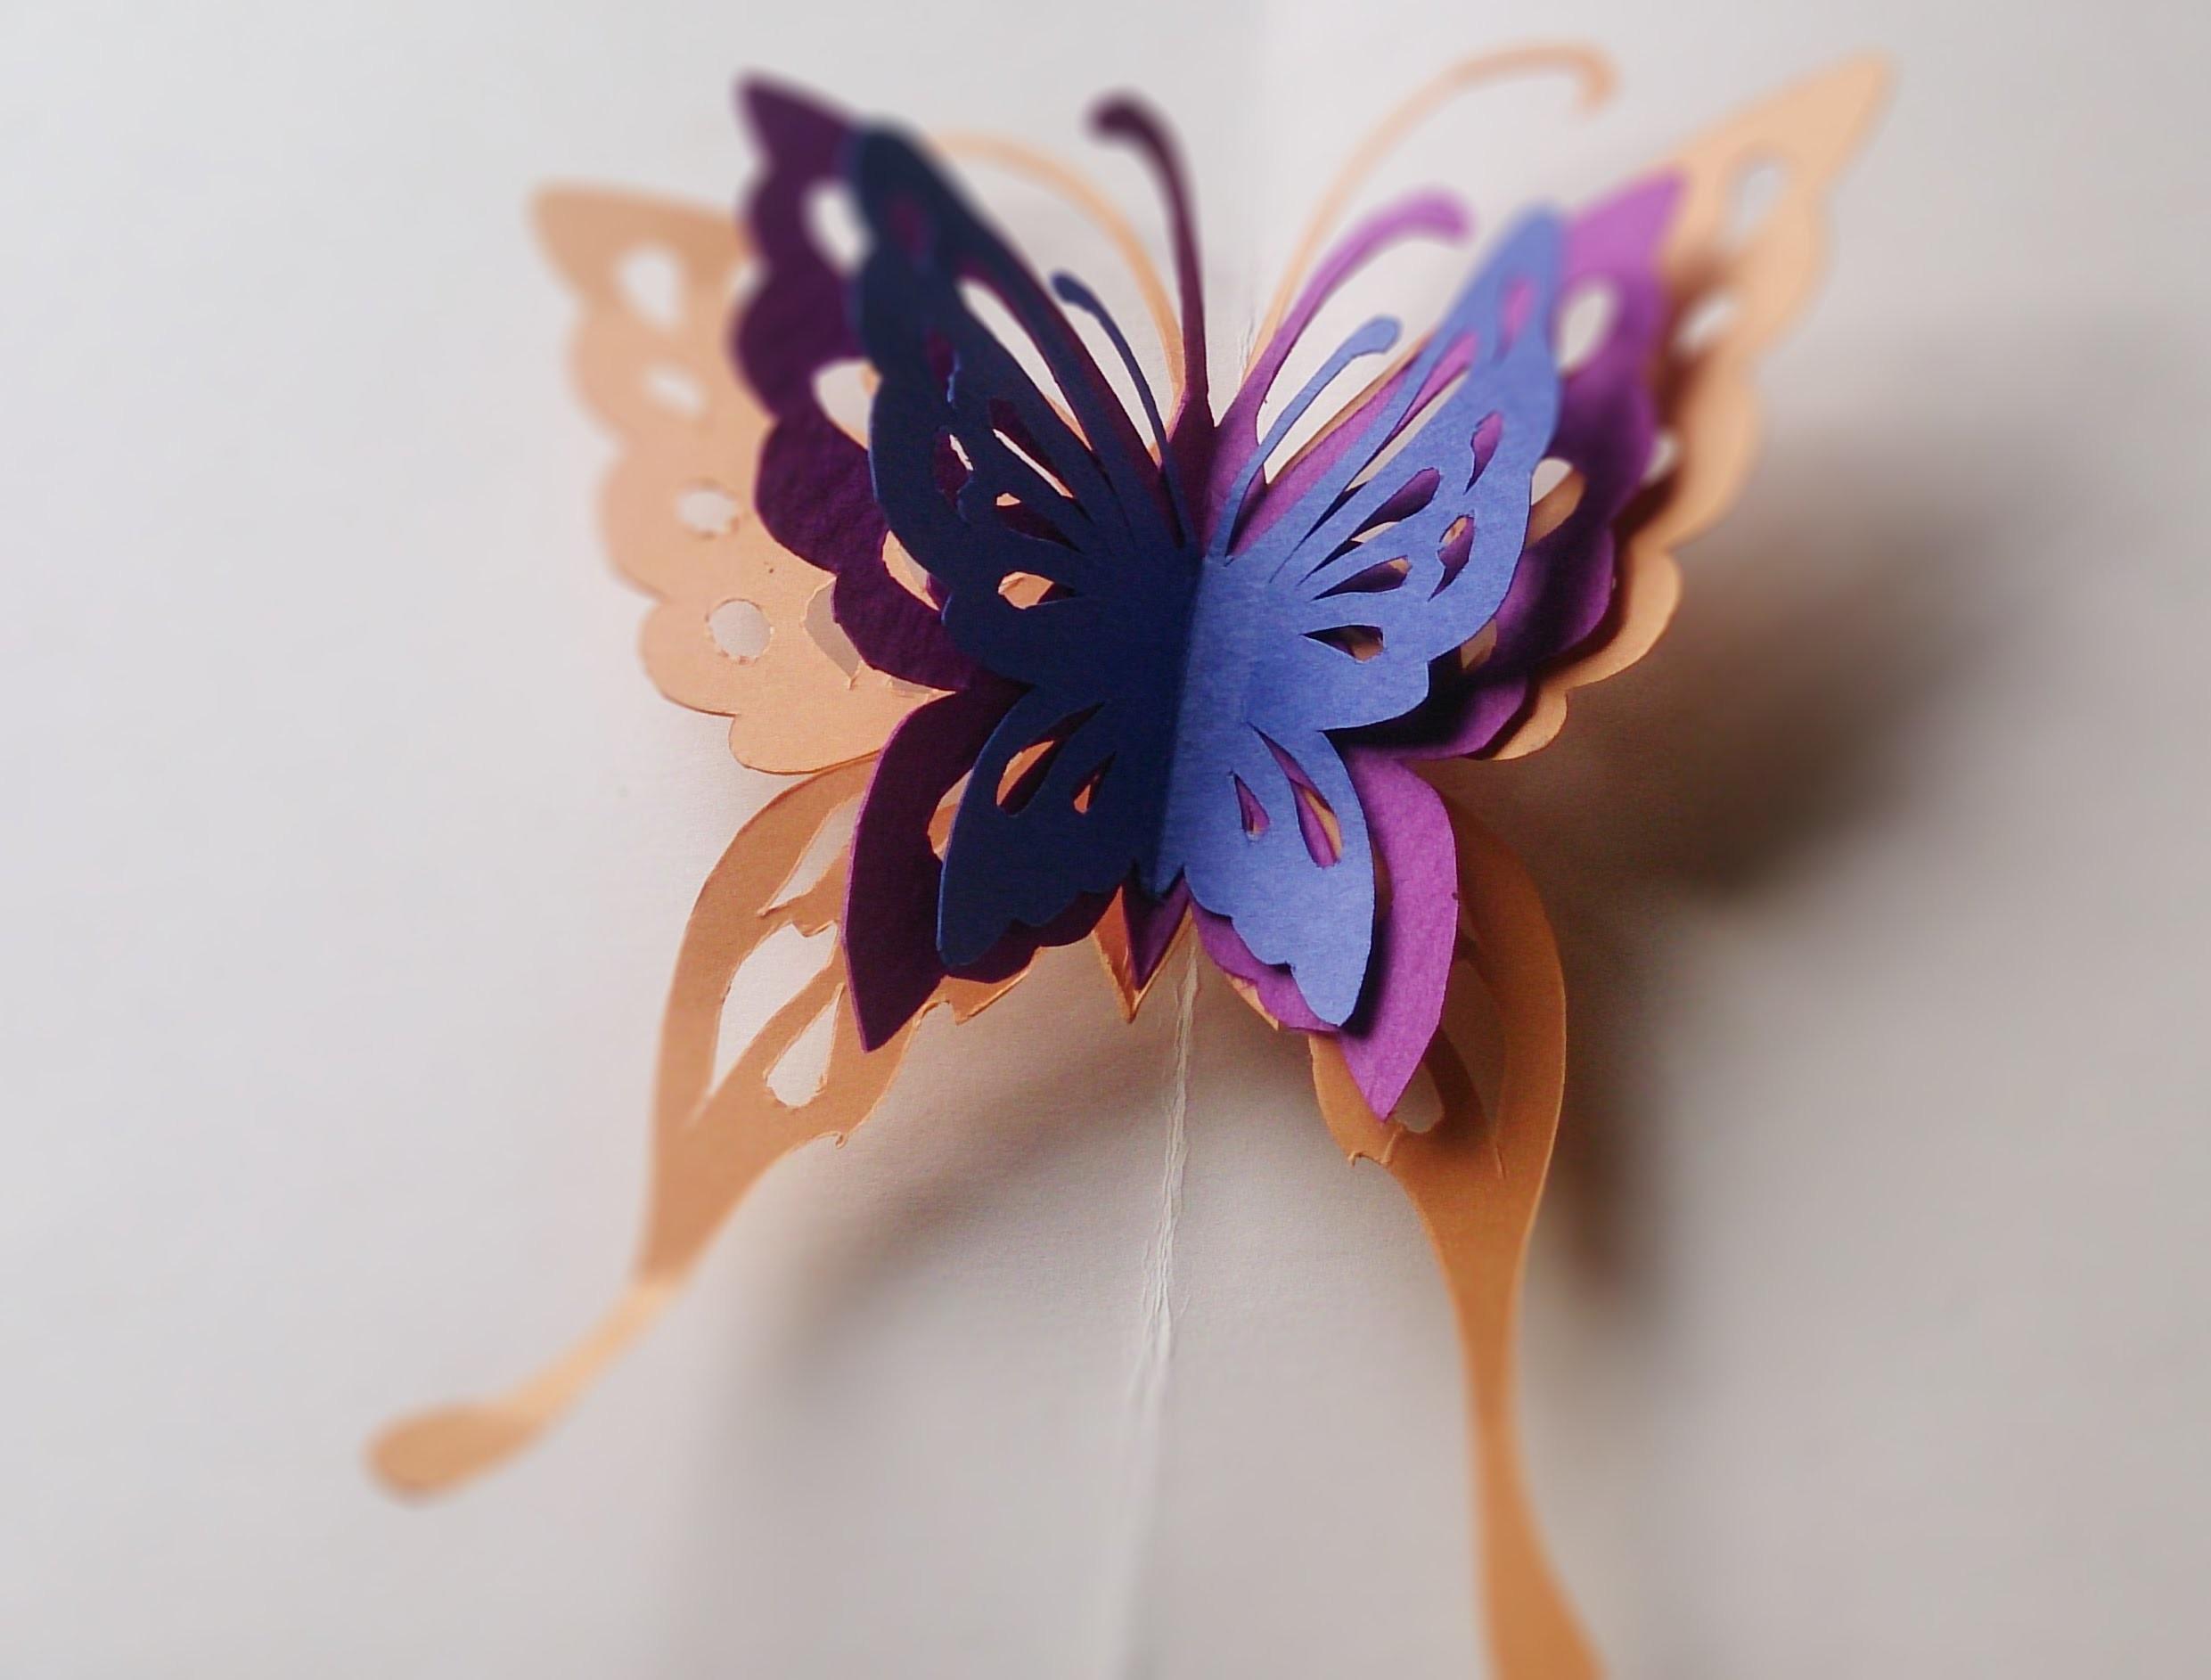 How to make butterfly pop up card - Hướng dẫn làm thiệp